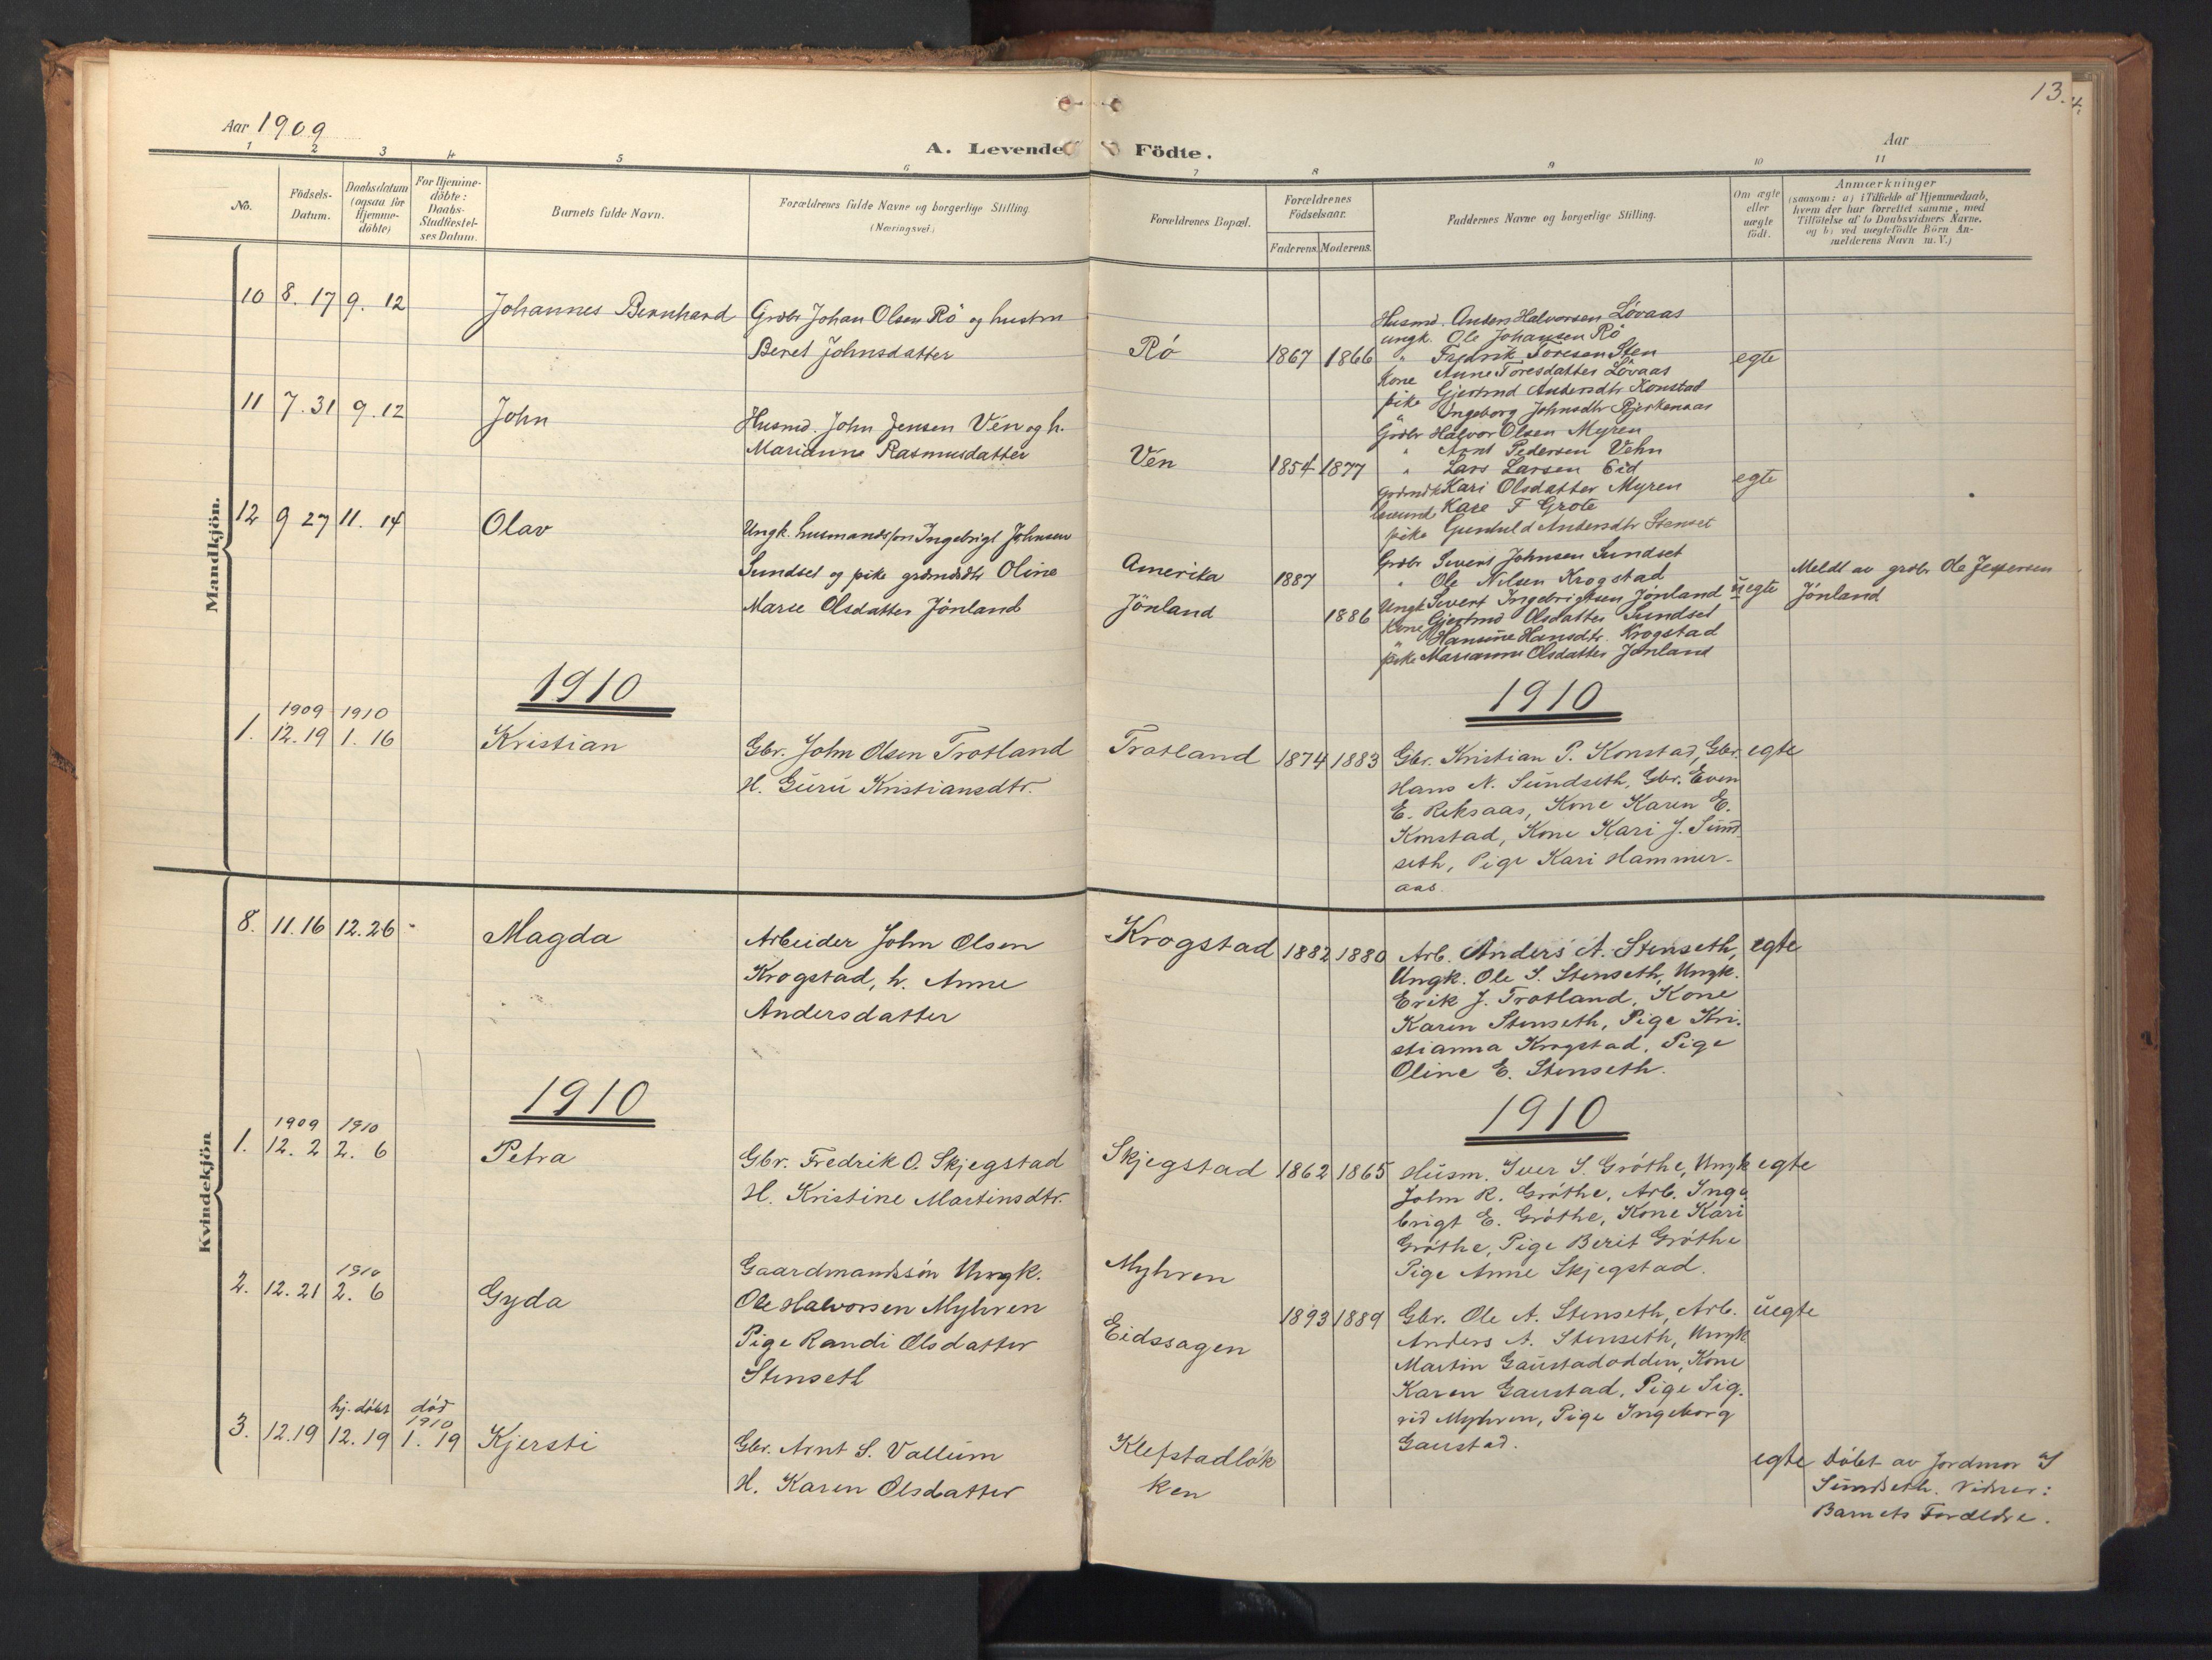 SAT, Ministerialprotokoller, klokkerbøker og fødselsregistre - Sør-Trøndelag, 694/L1128: Ministerialbok nr. 694A02, 1906-1931, s. 13